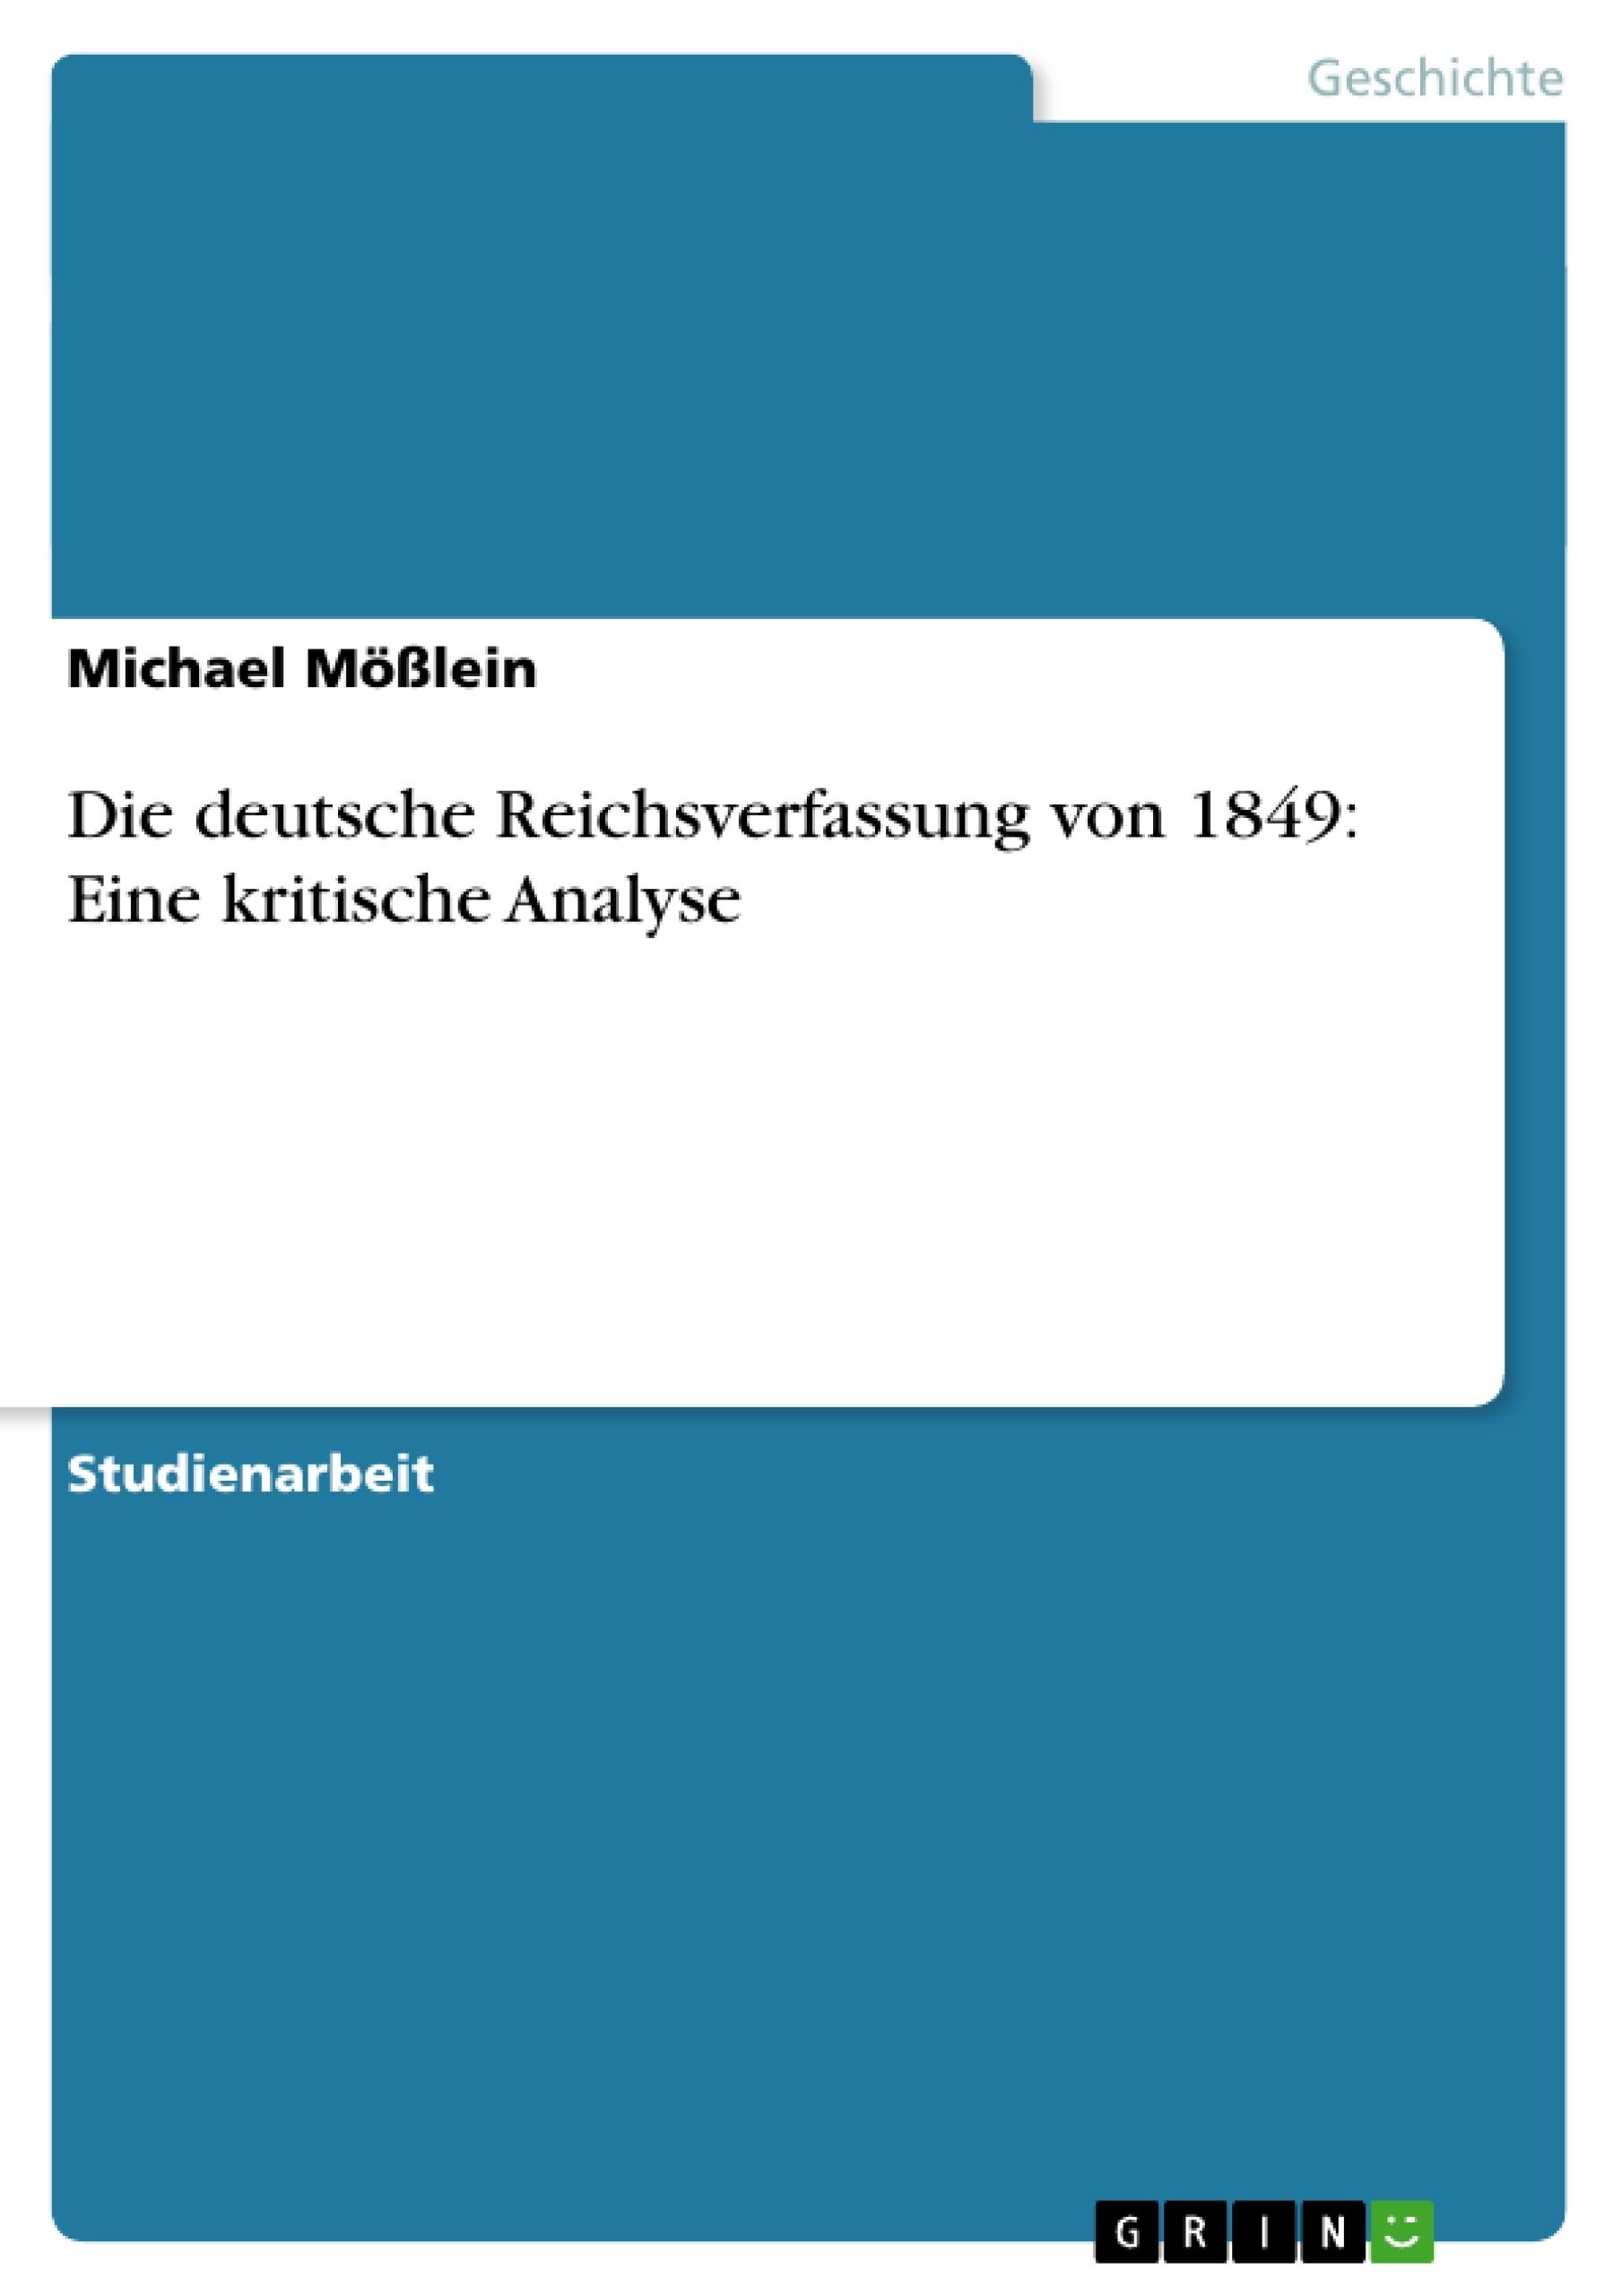 Titel: Die deutsche Reichsverfassung von 1849: Eine kritische Analyse